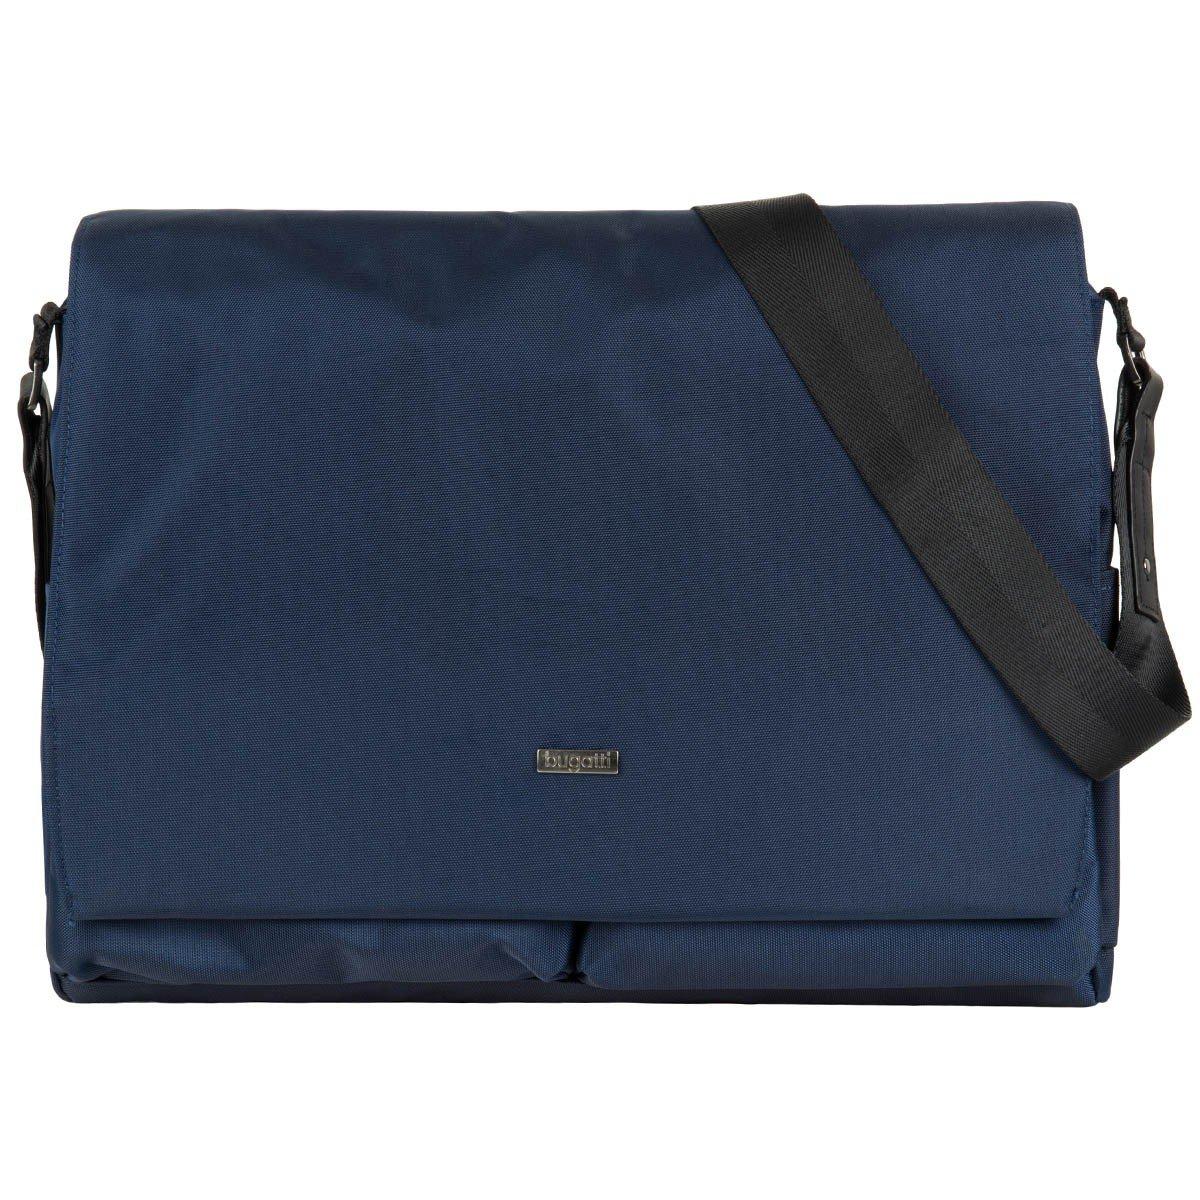 Pilotenkoffer Businesskoffer Aktenkoffer Griff Schultergurt Notebookfach 41cm